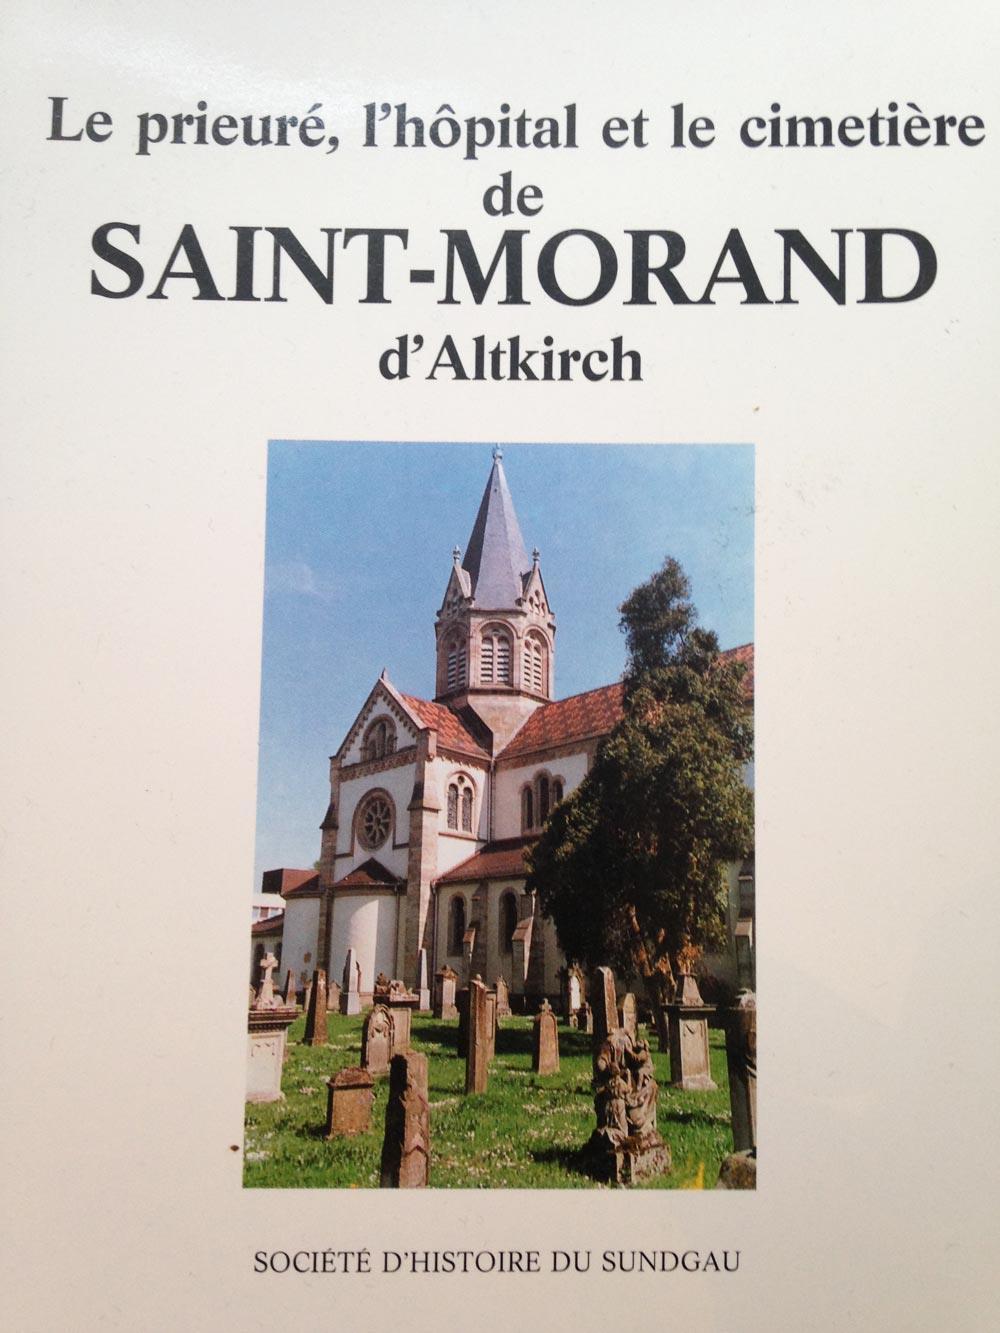 Le prieuré, l'hôpital et le cimetière St Morand d'Altkirch